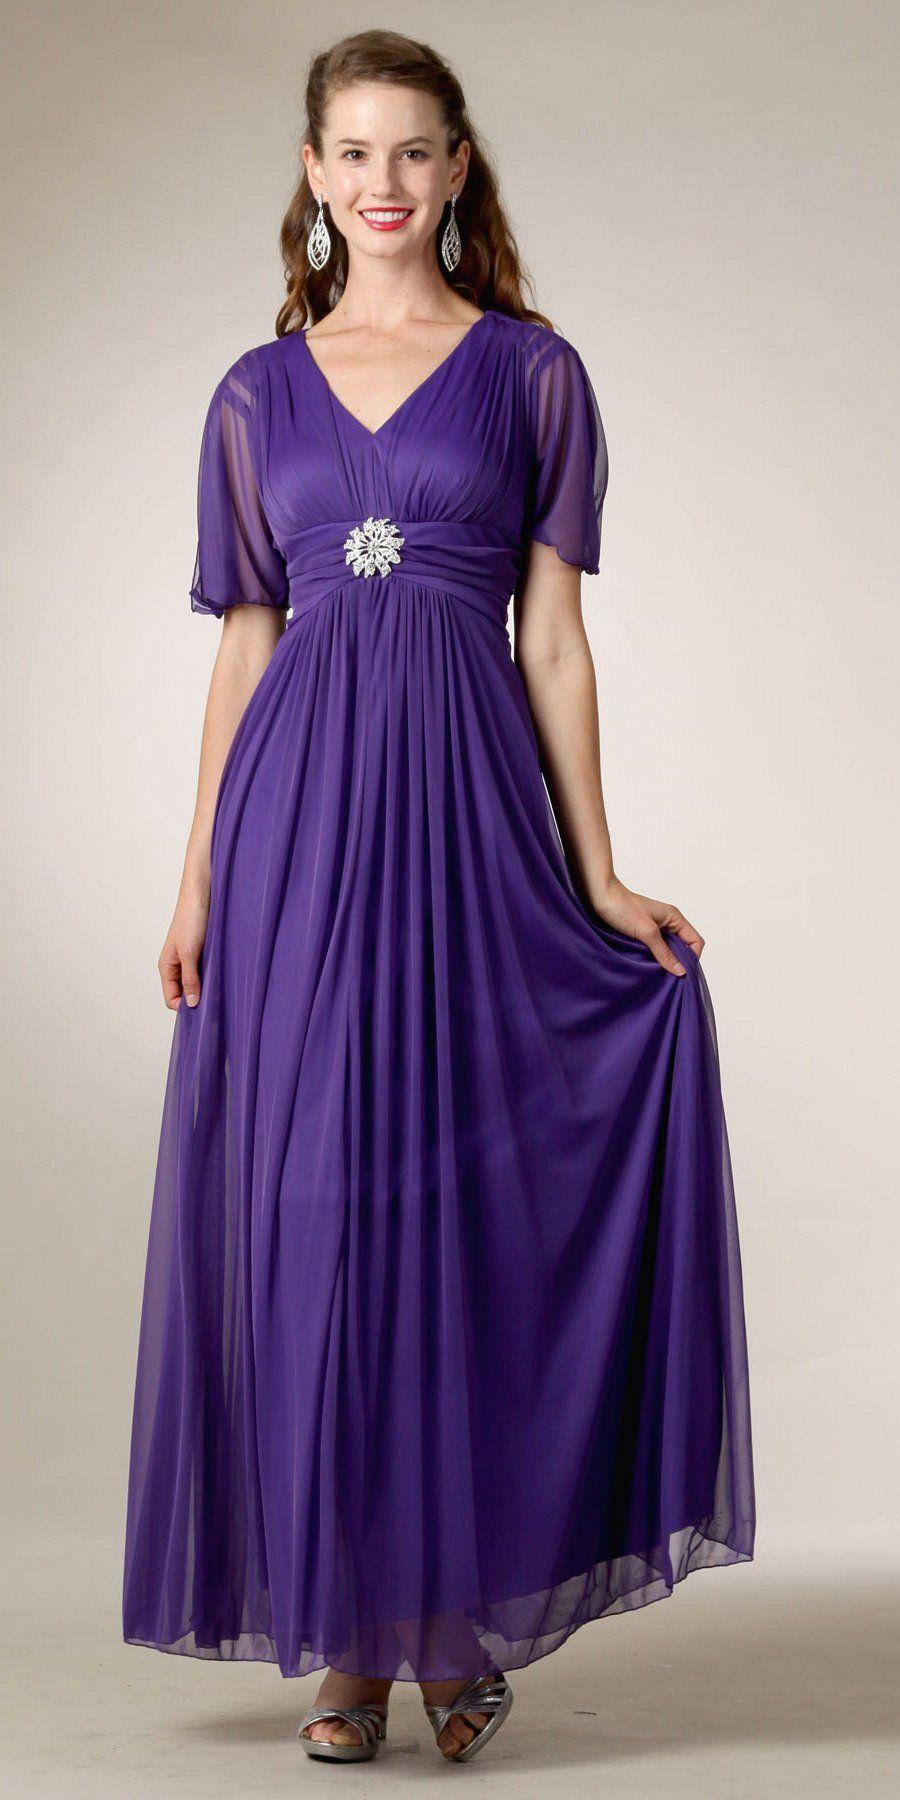 Excepcional Vestido De La Dama Gris De Maternidad Ideas Ornamento ...